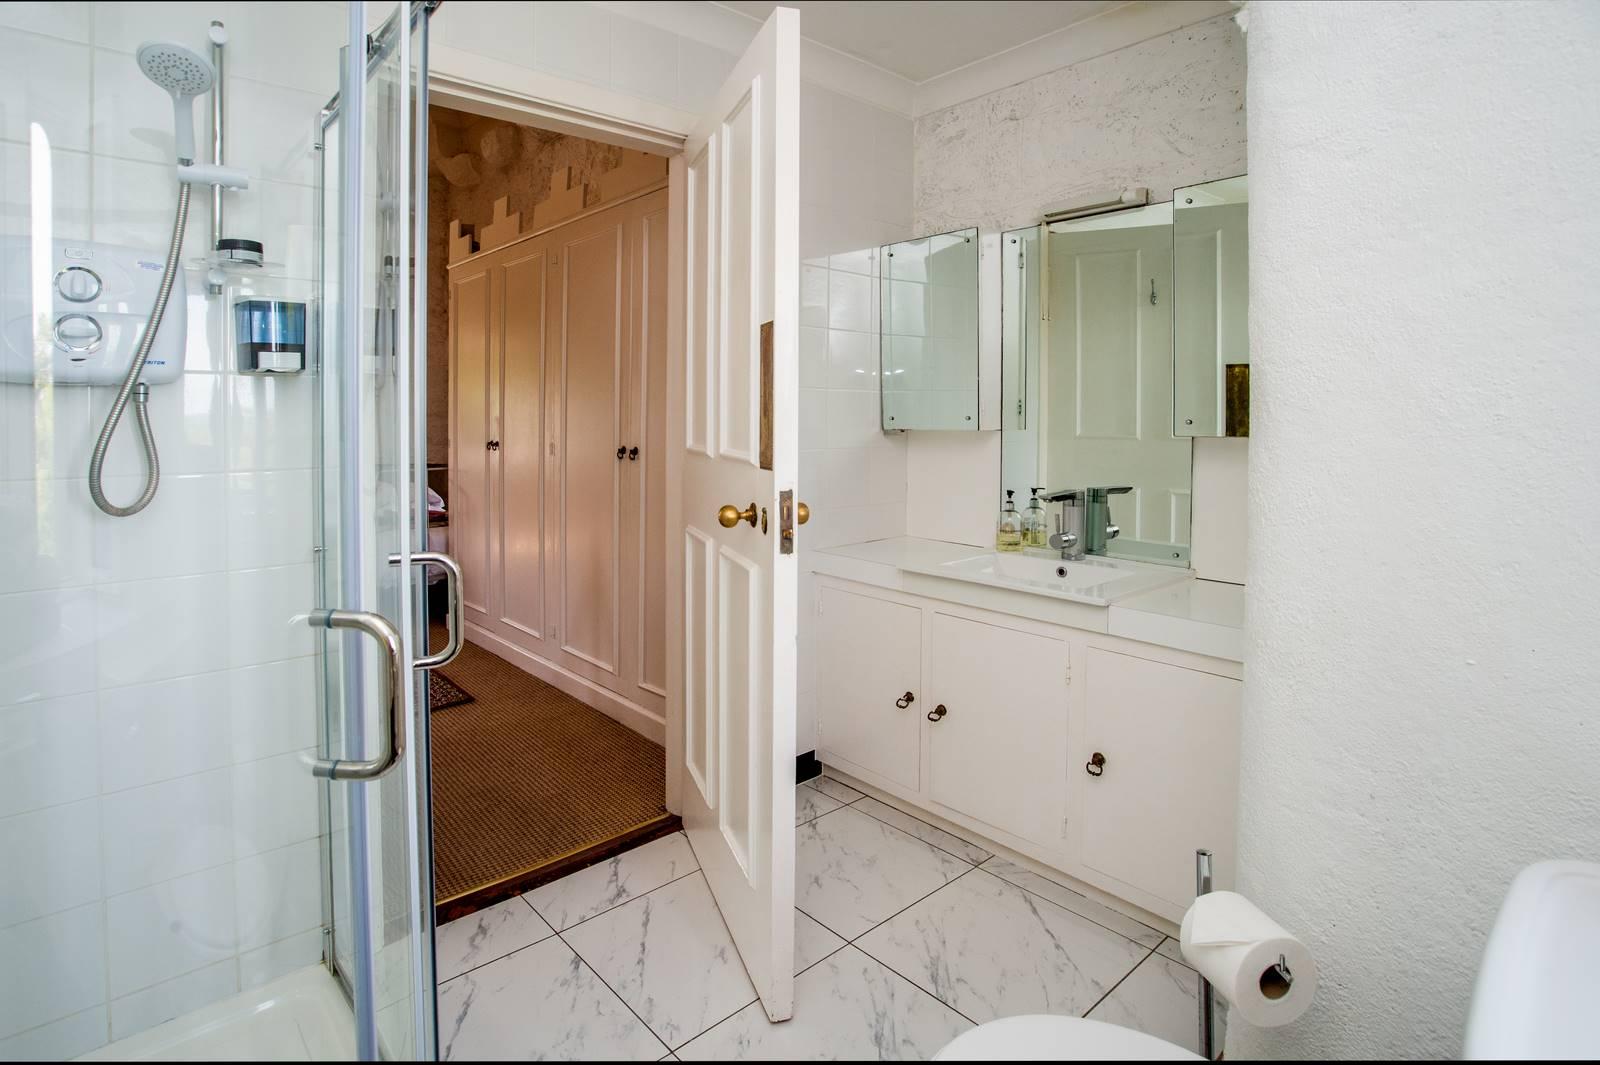 sabinas_room_bathroom